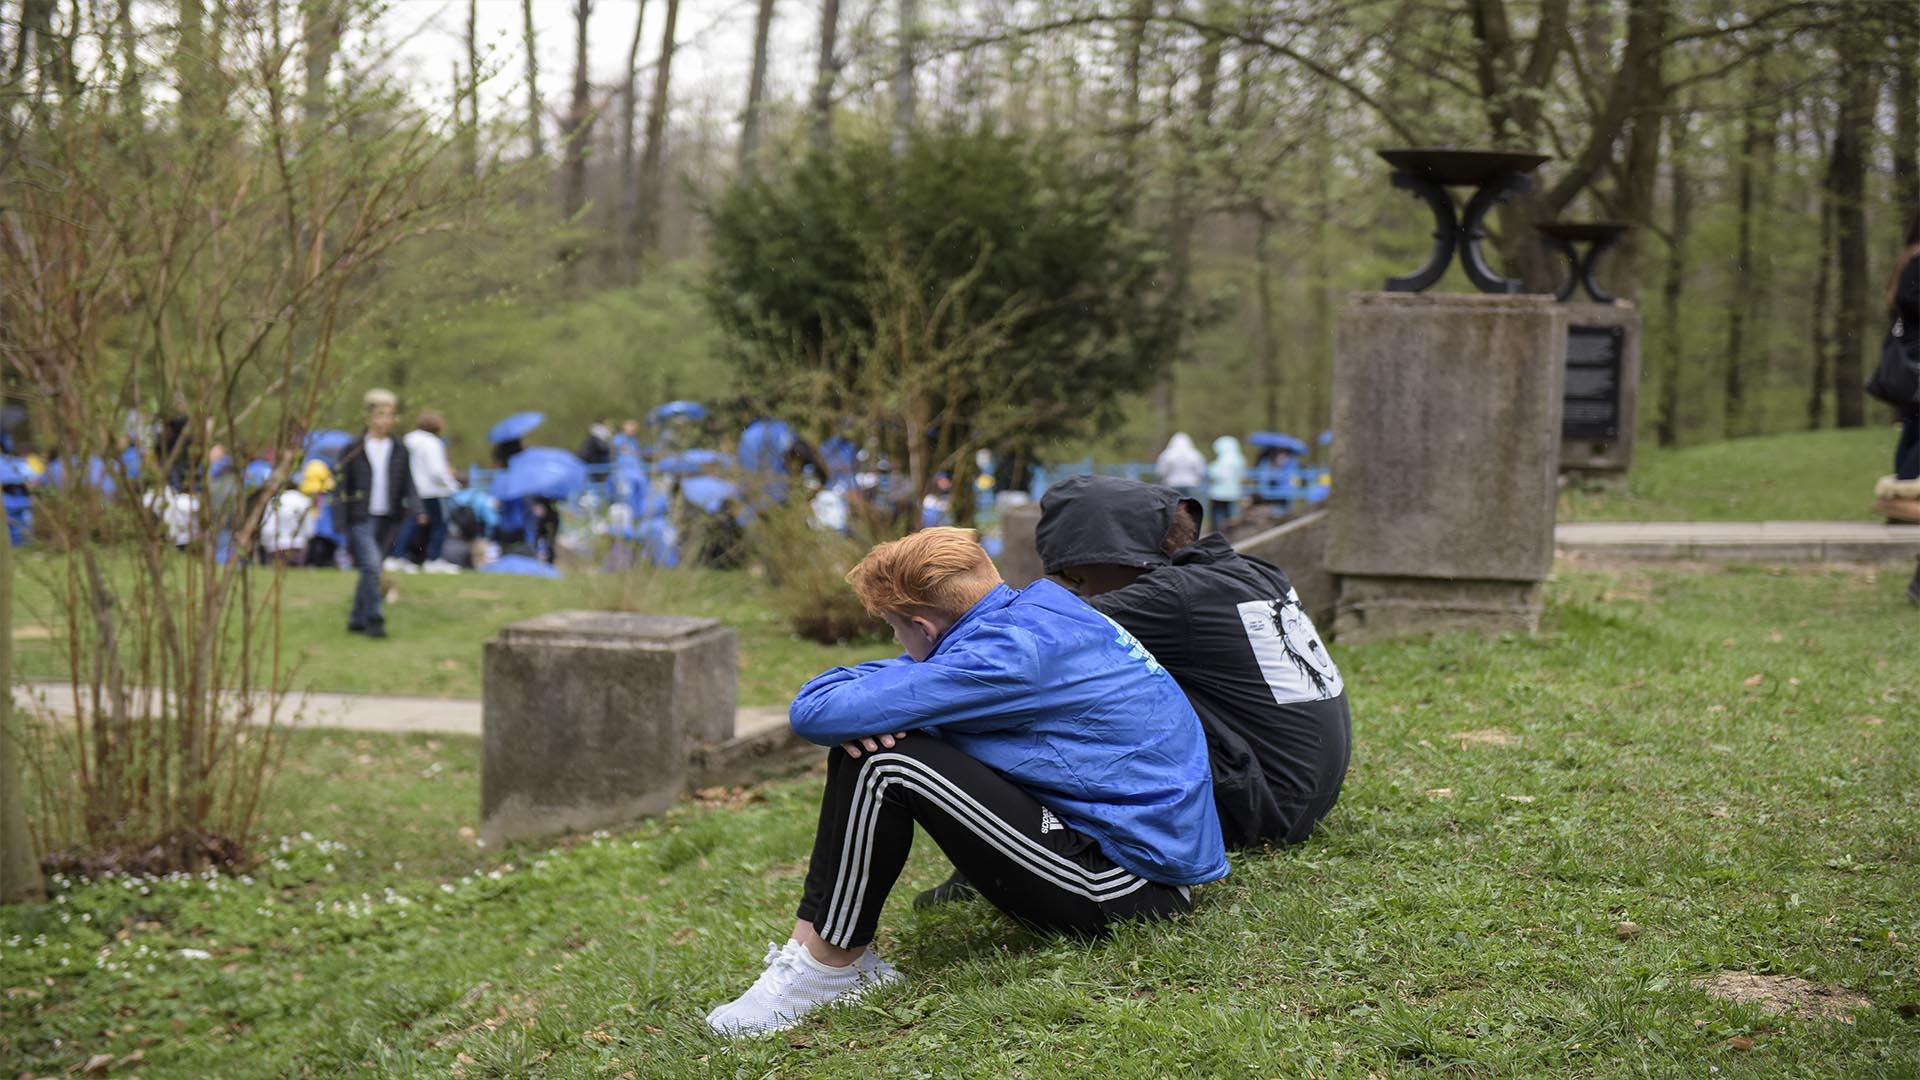 El grupo argentino visitó las fosas de Tarnow y recordaron lo sucedido en ese lugar